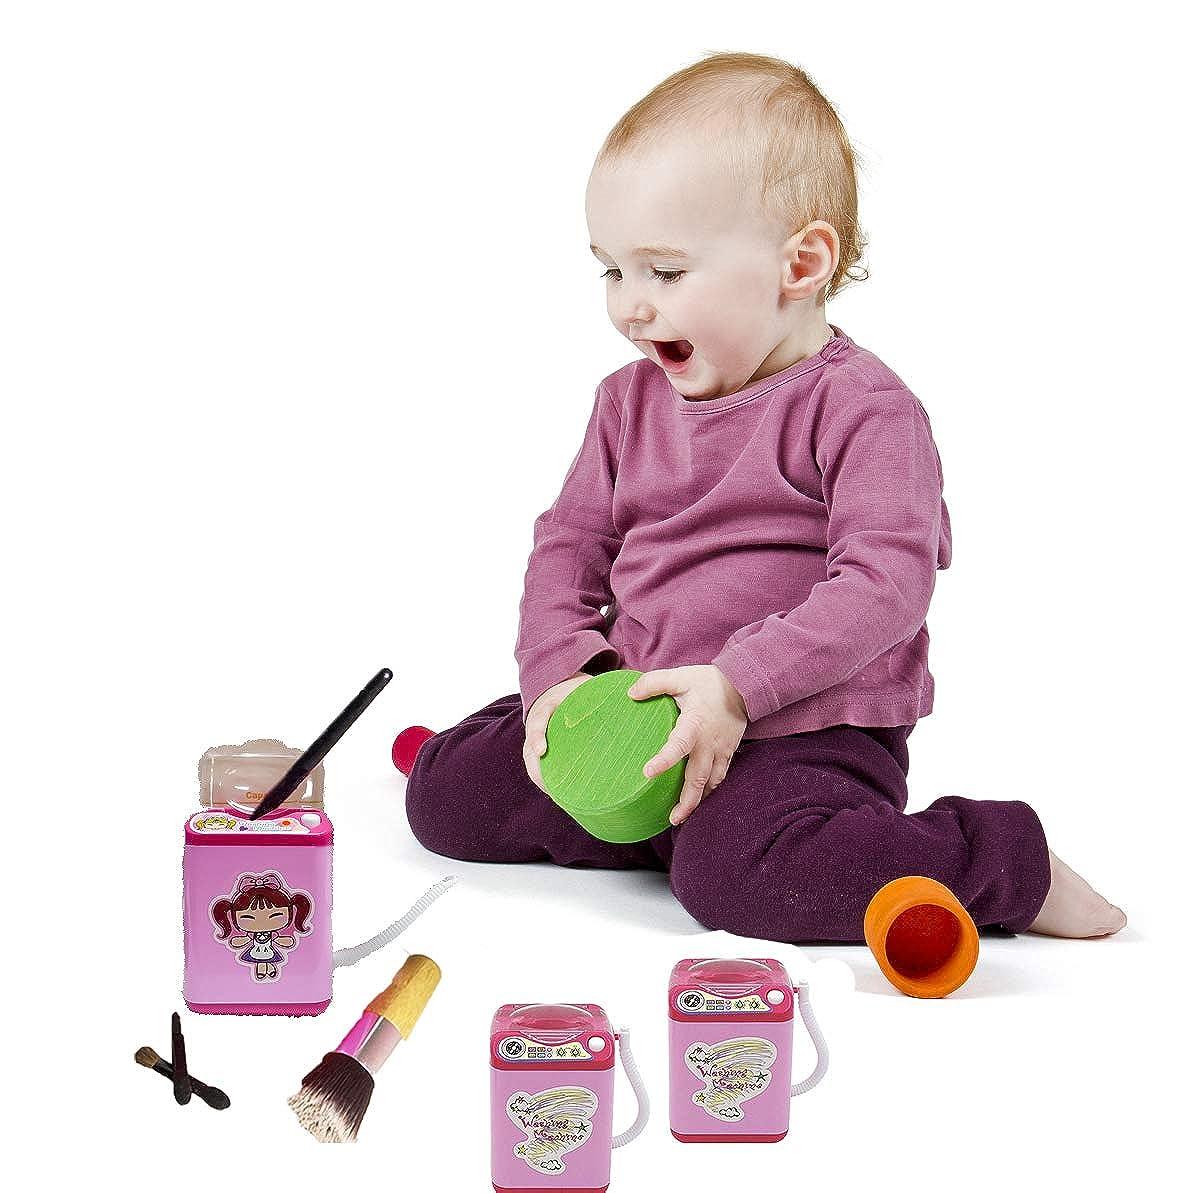 Markest Kids Toy Washing Machine Mini Automatic Powder Puff Washer ...